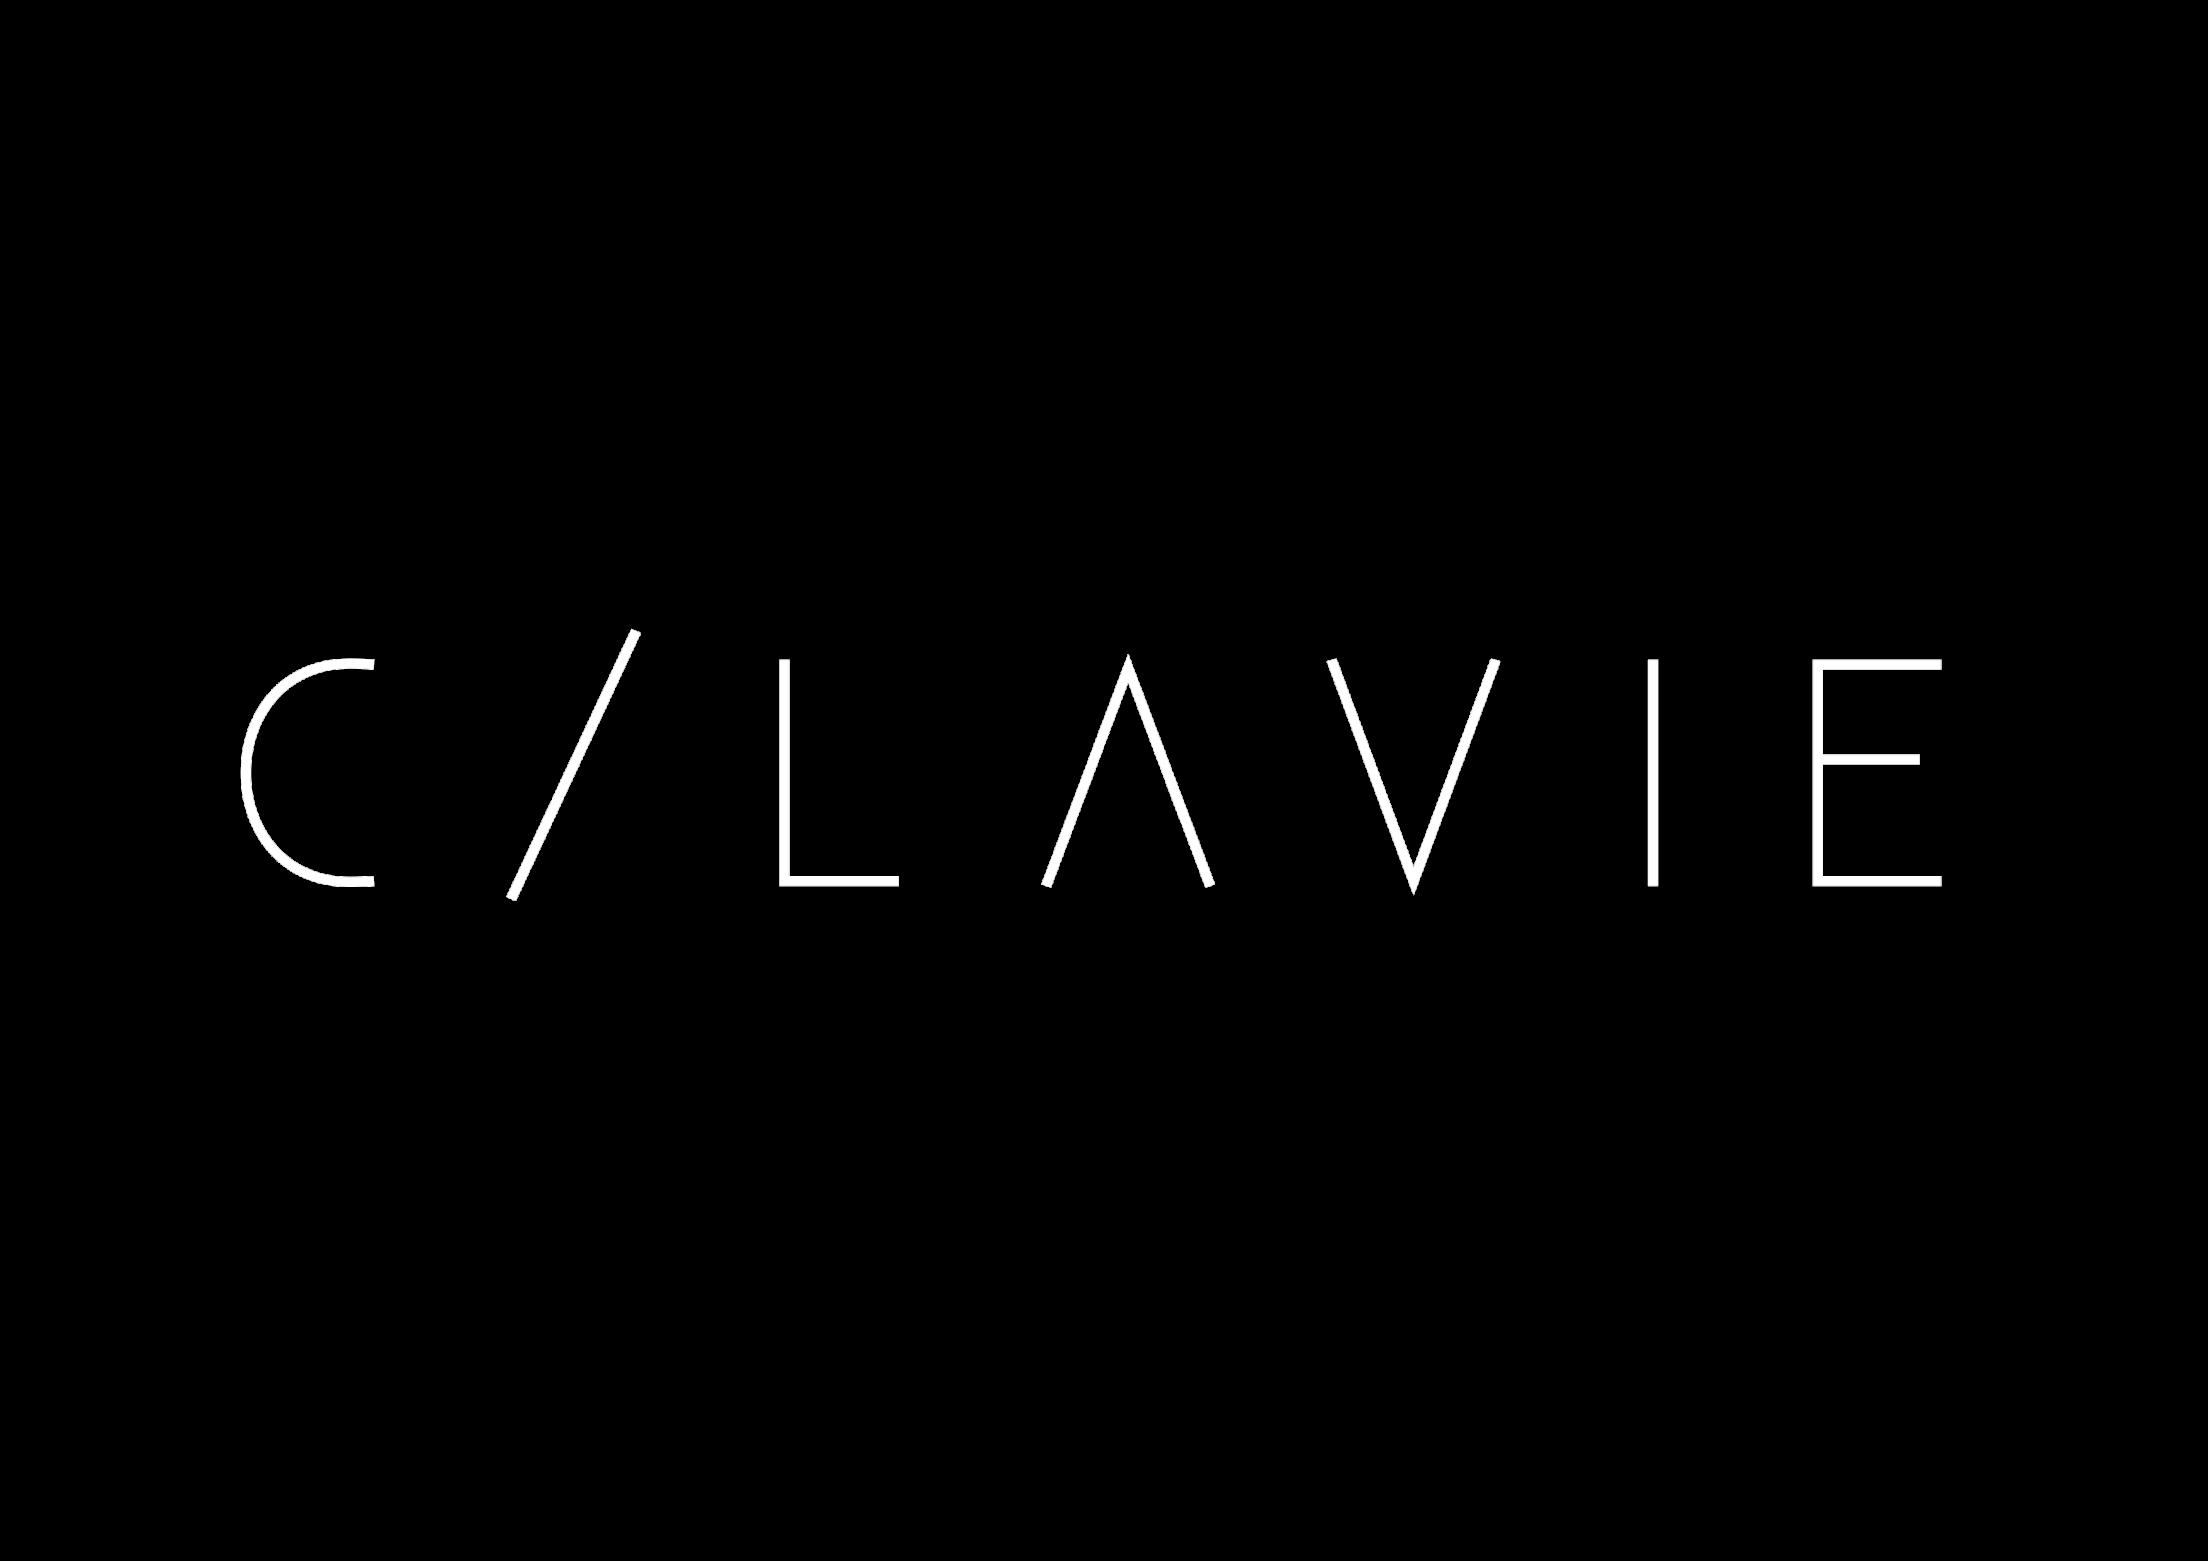 logo-groot-ovelay.png